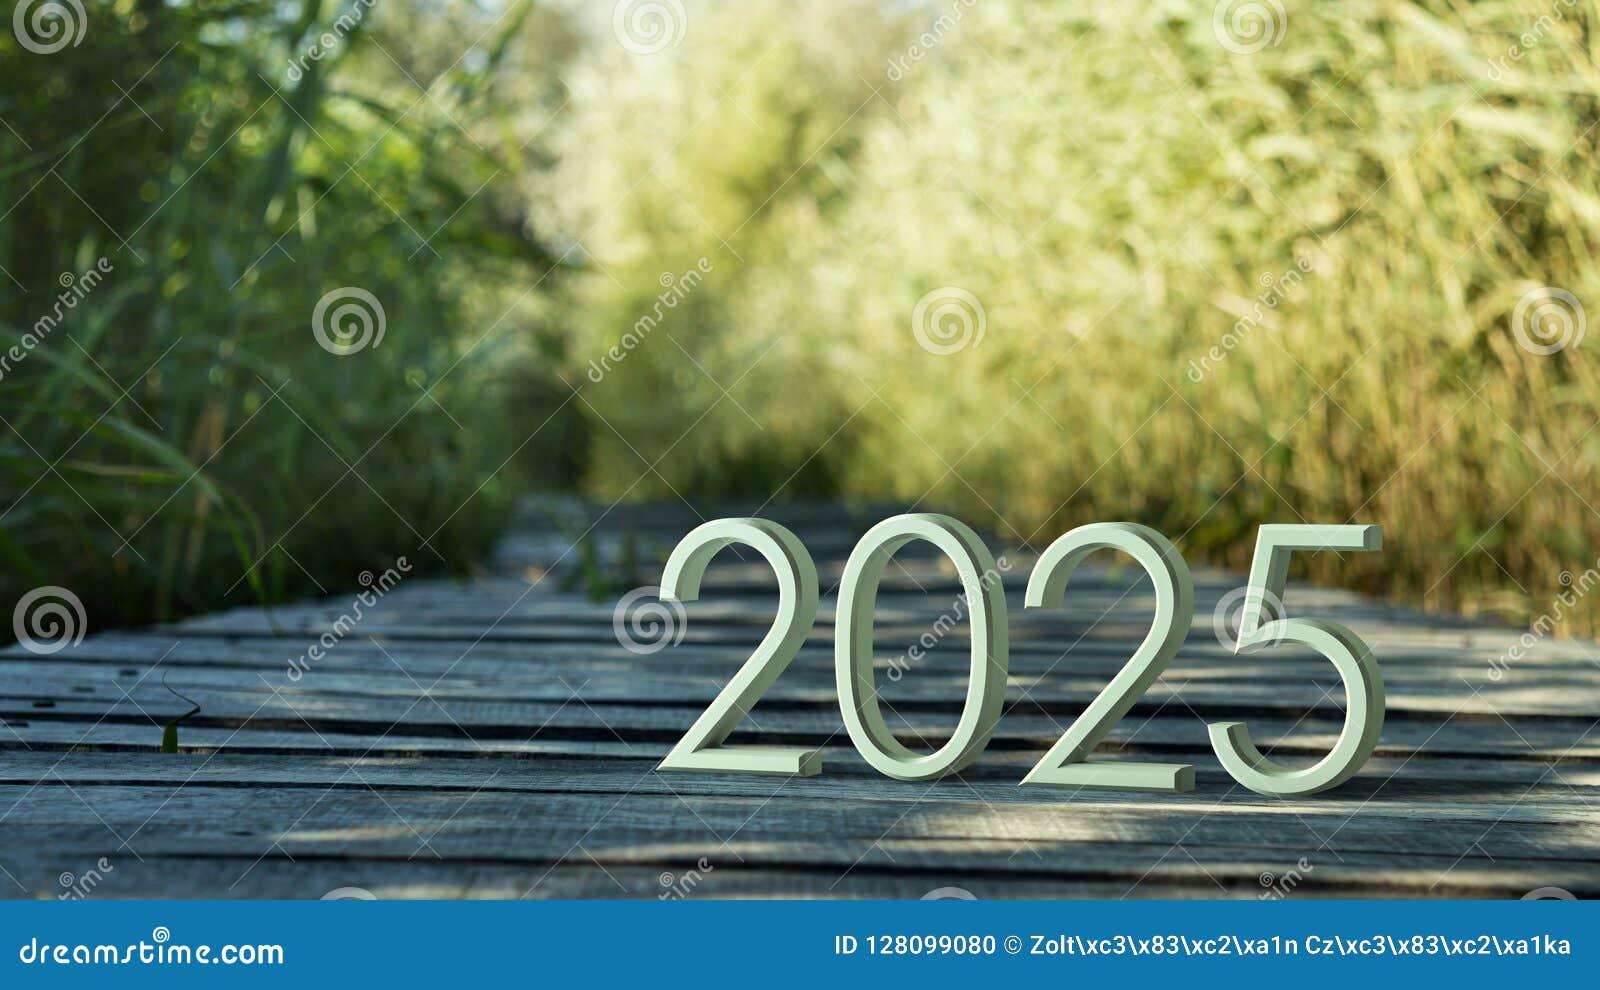 2025个3d翻译